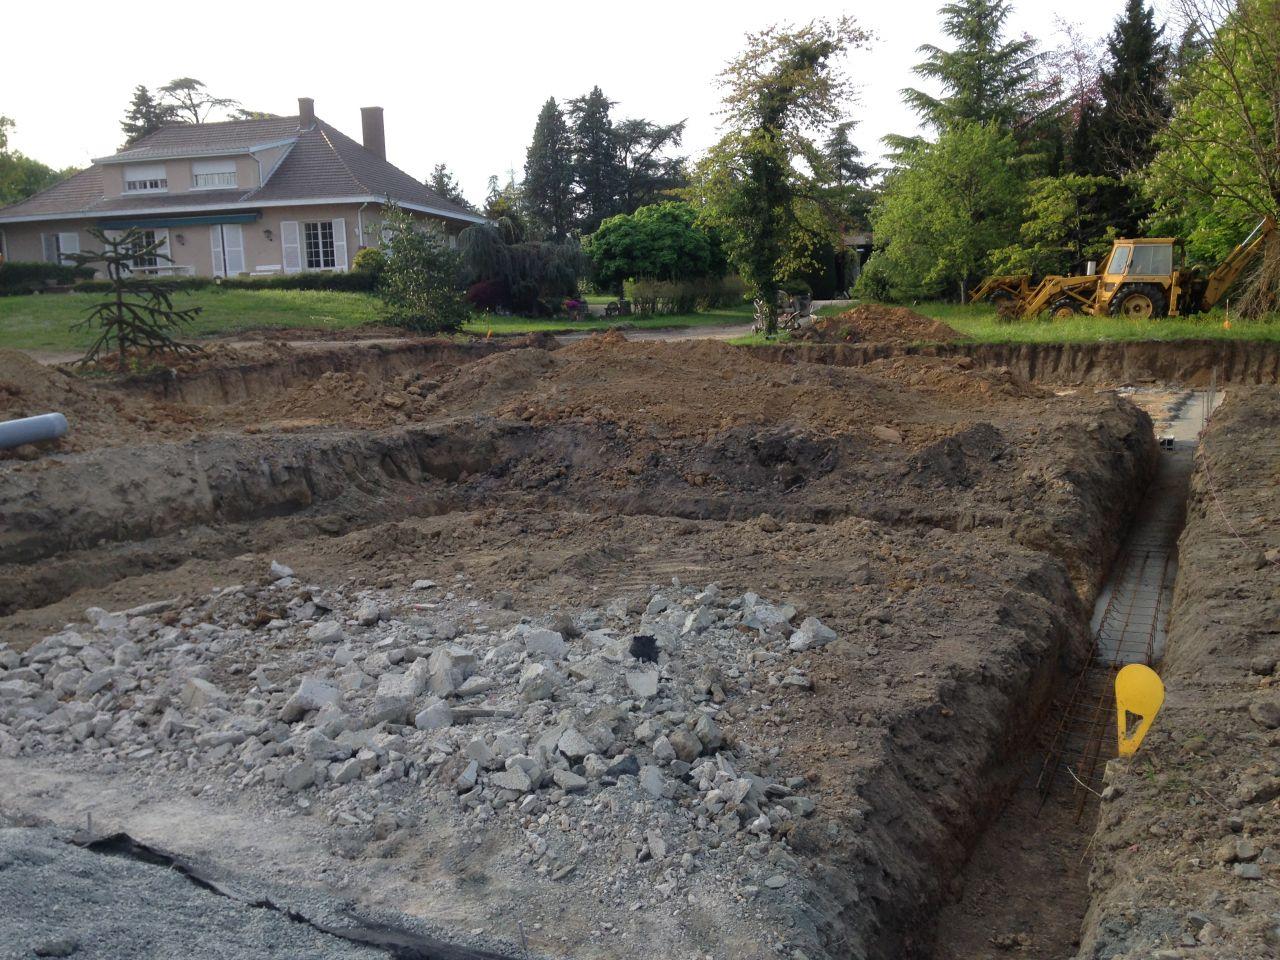 fondations partiellement coulées; cela restera ainsi plus de 3 semaines... <br /> On va dire que c'est un peu moins important ici, ce sera le garage, indépendant... Un début de chantier Selection Artisanale...